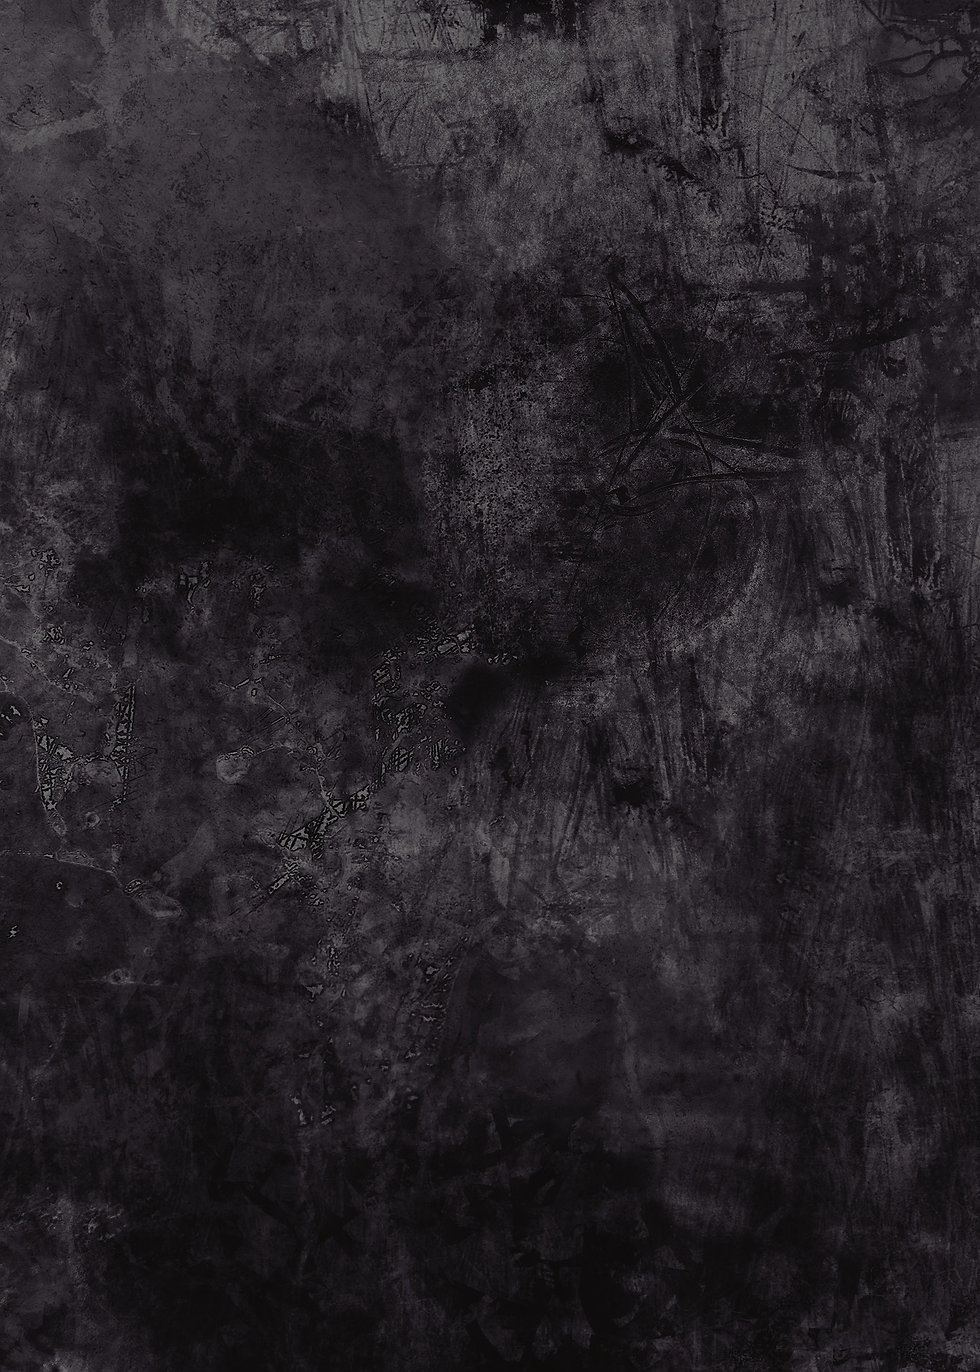 texture-1661826_edited.jpg